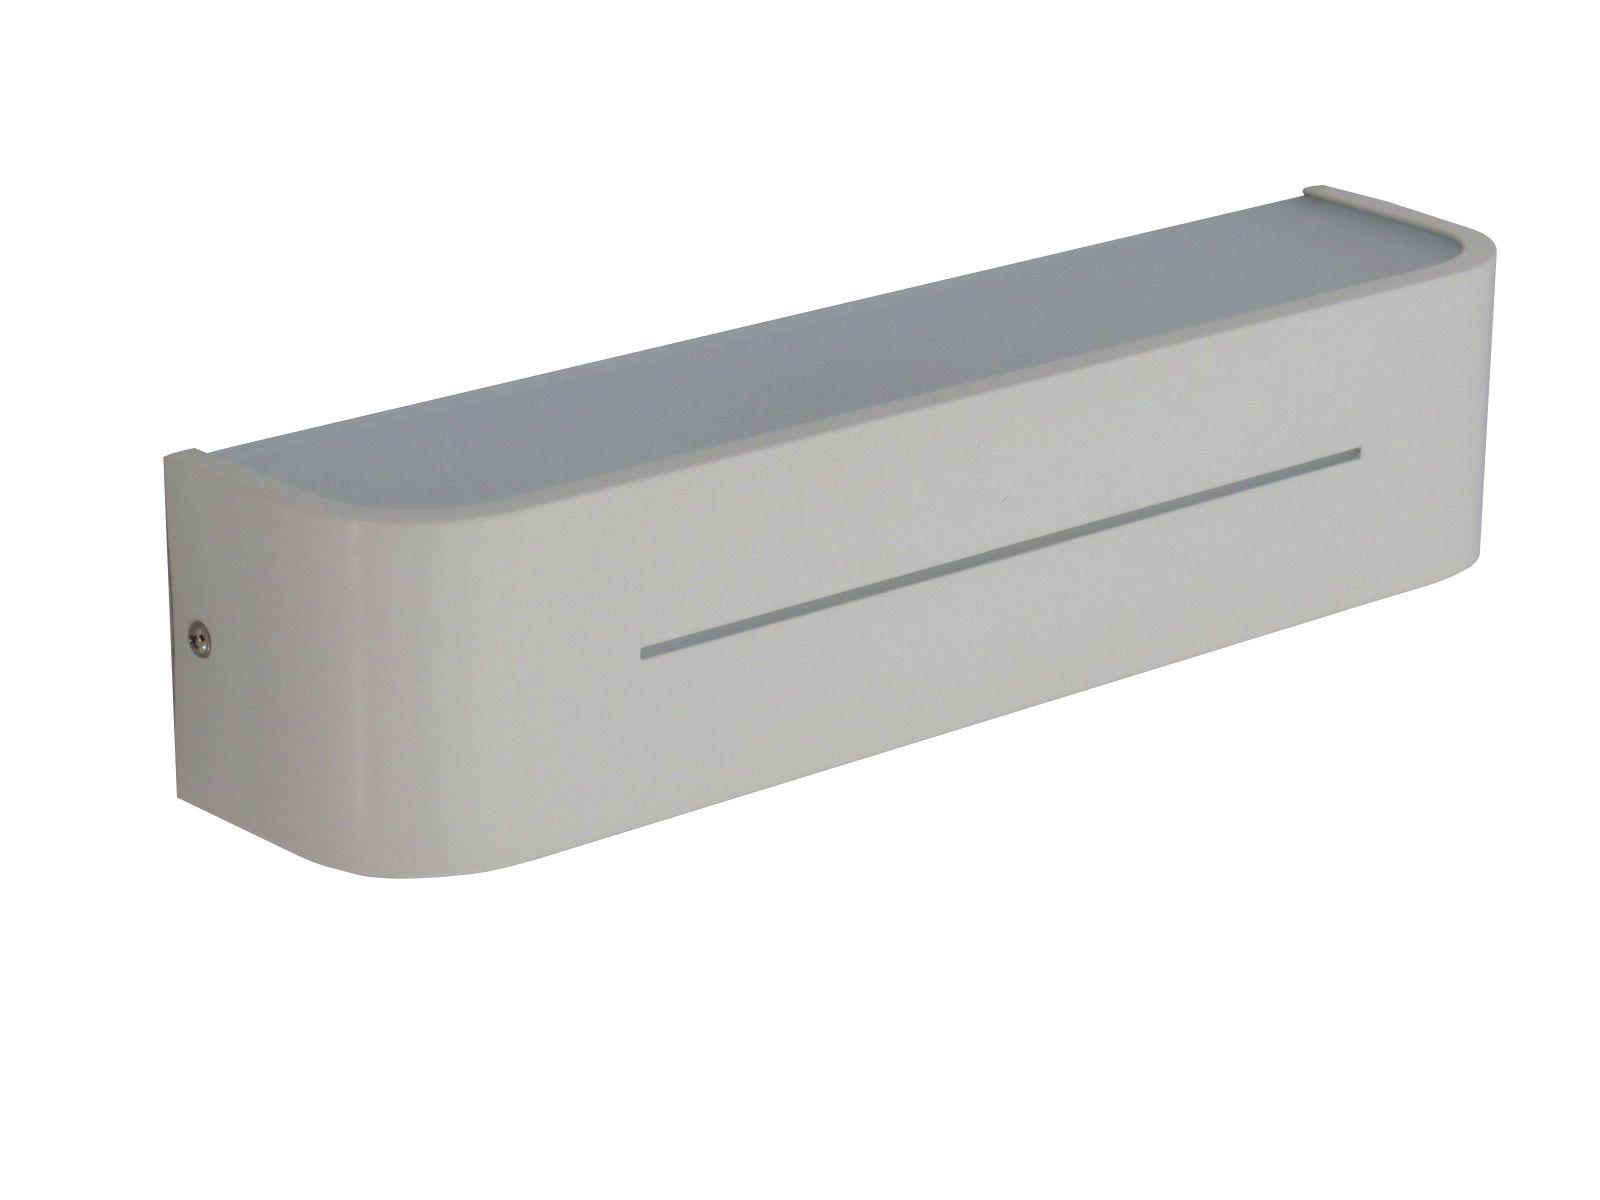 Applique moderno in alluminio verniciato bianco 2 luci e14 max 40w